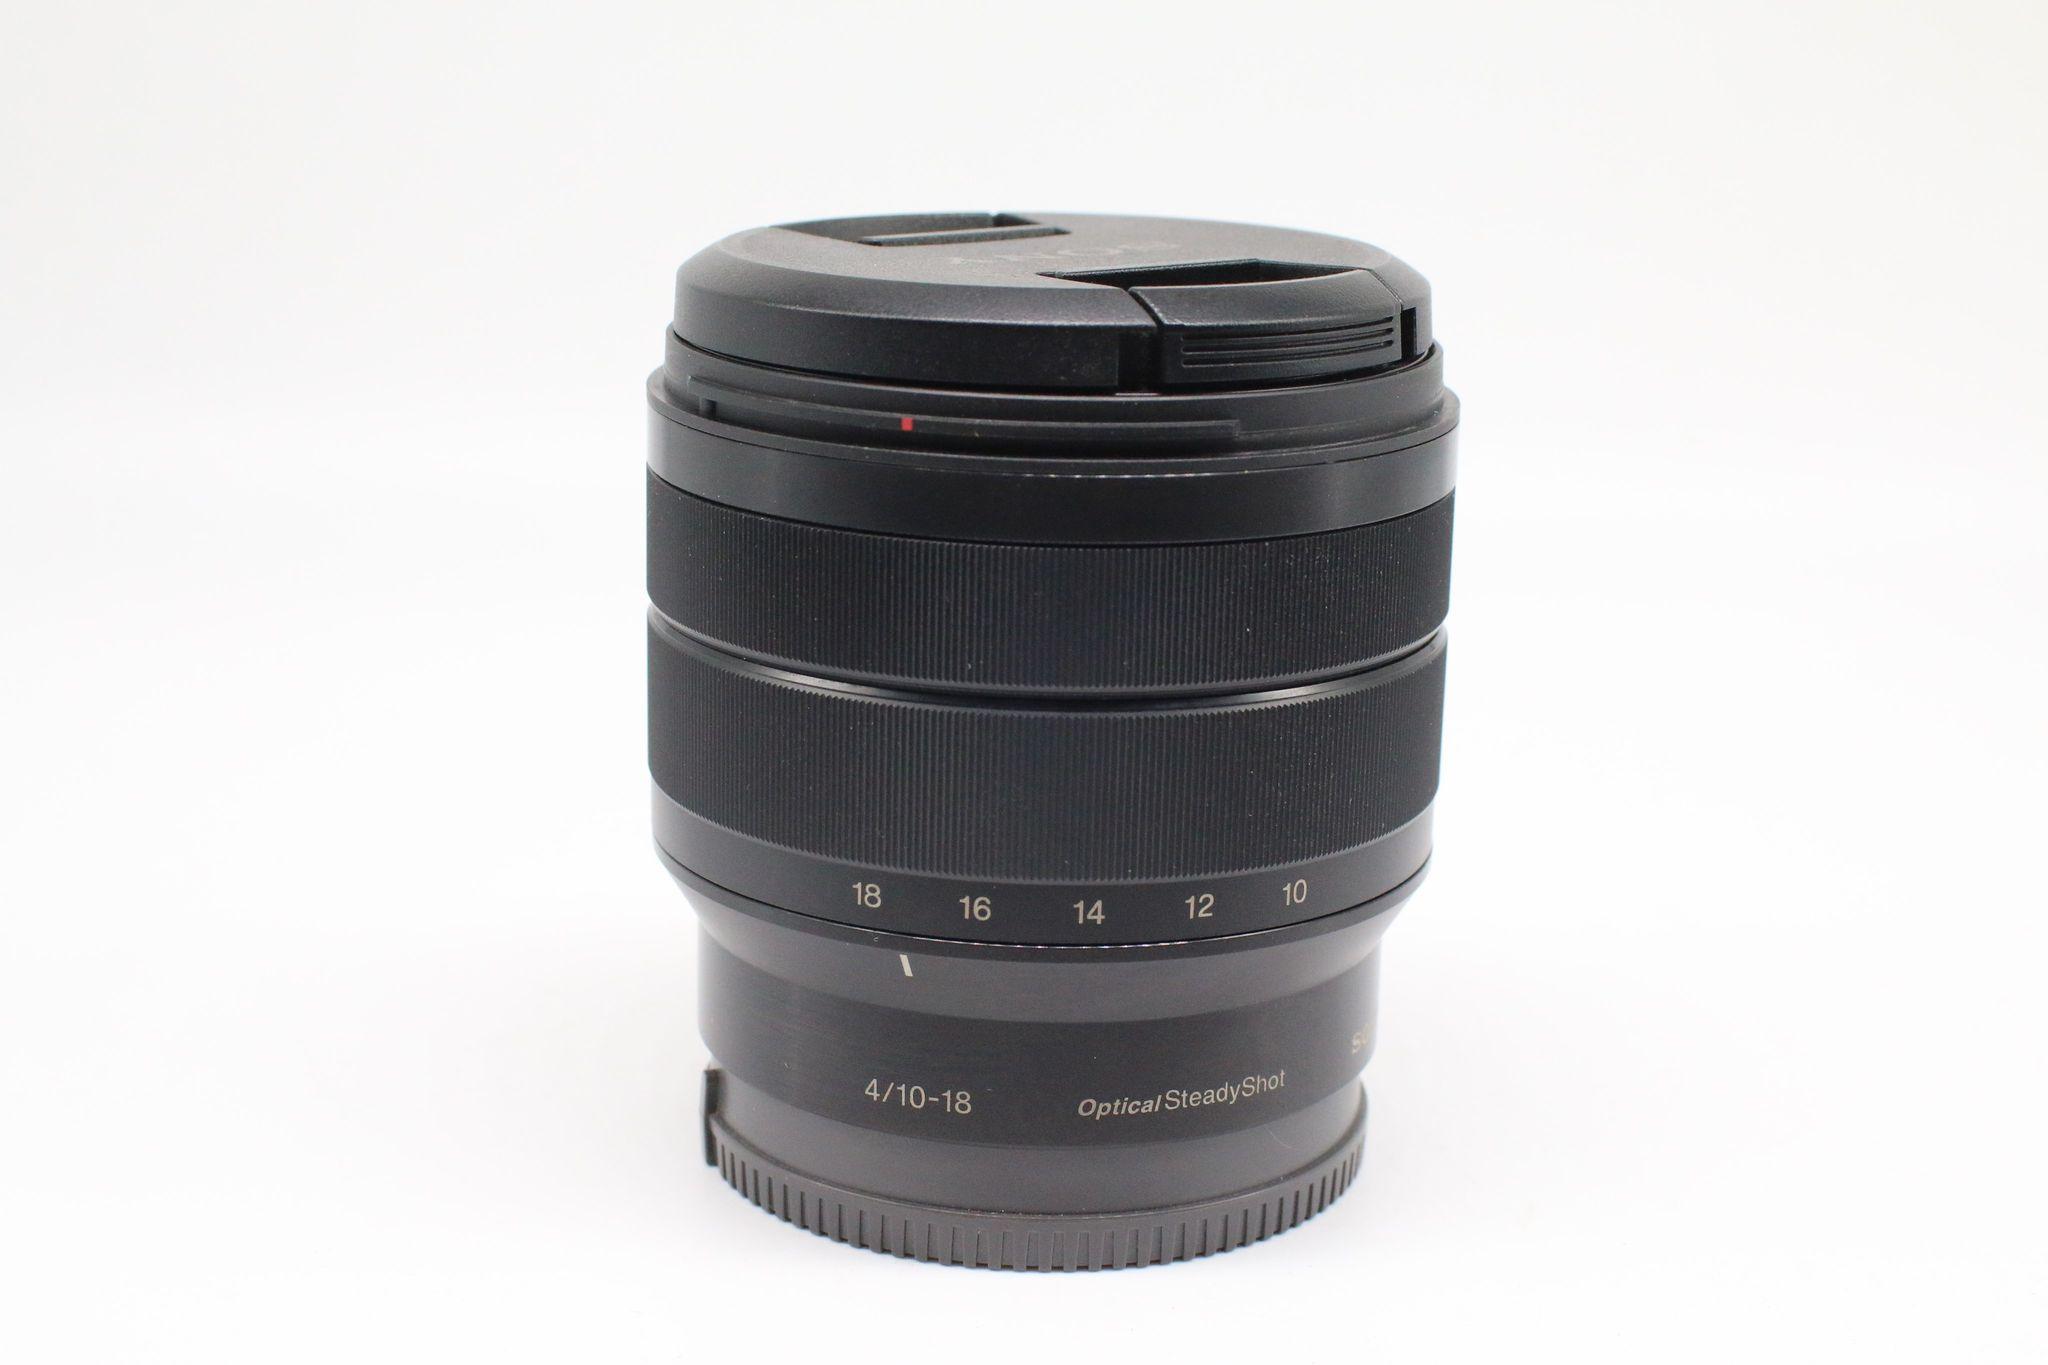 Ống kính Sony E 10-18mm F4 OSS